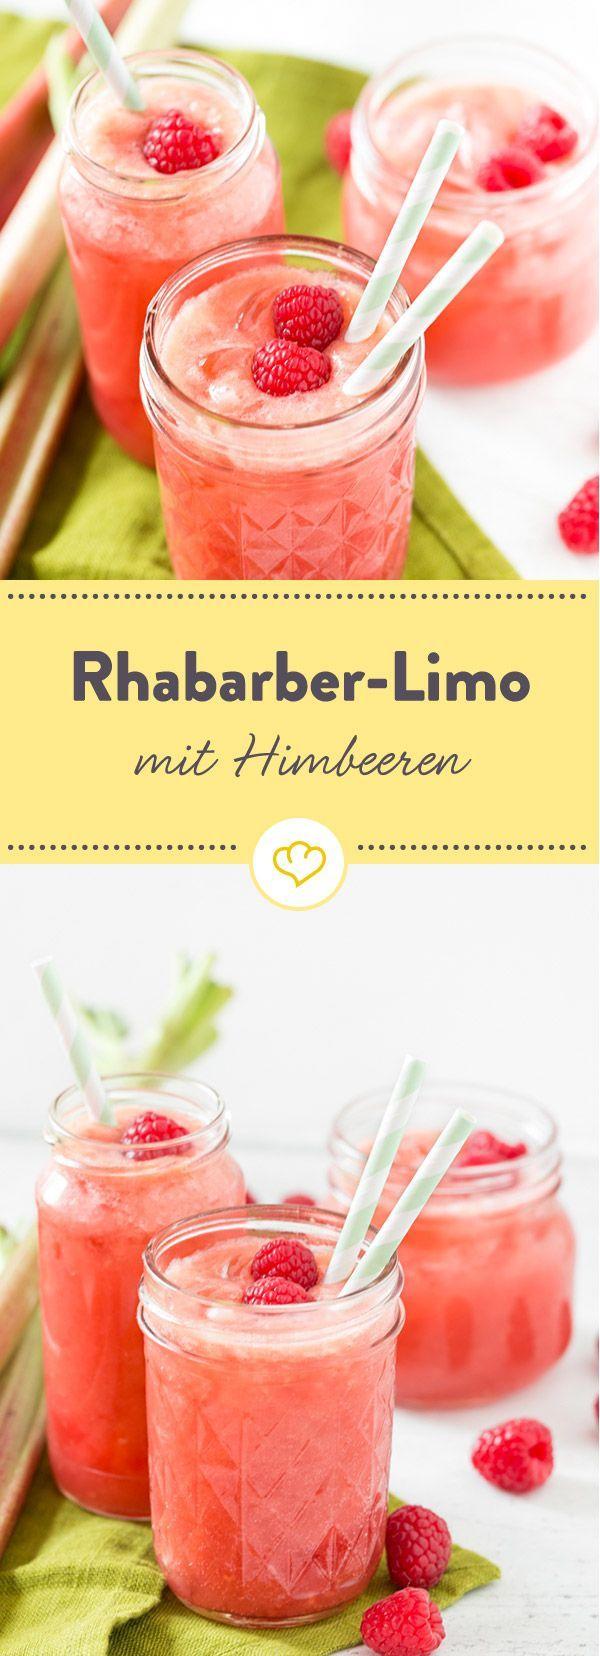 Photo of Rhubarb lemonade with raspberries